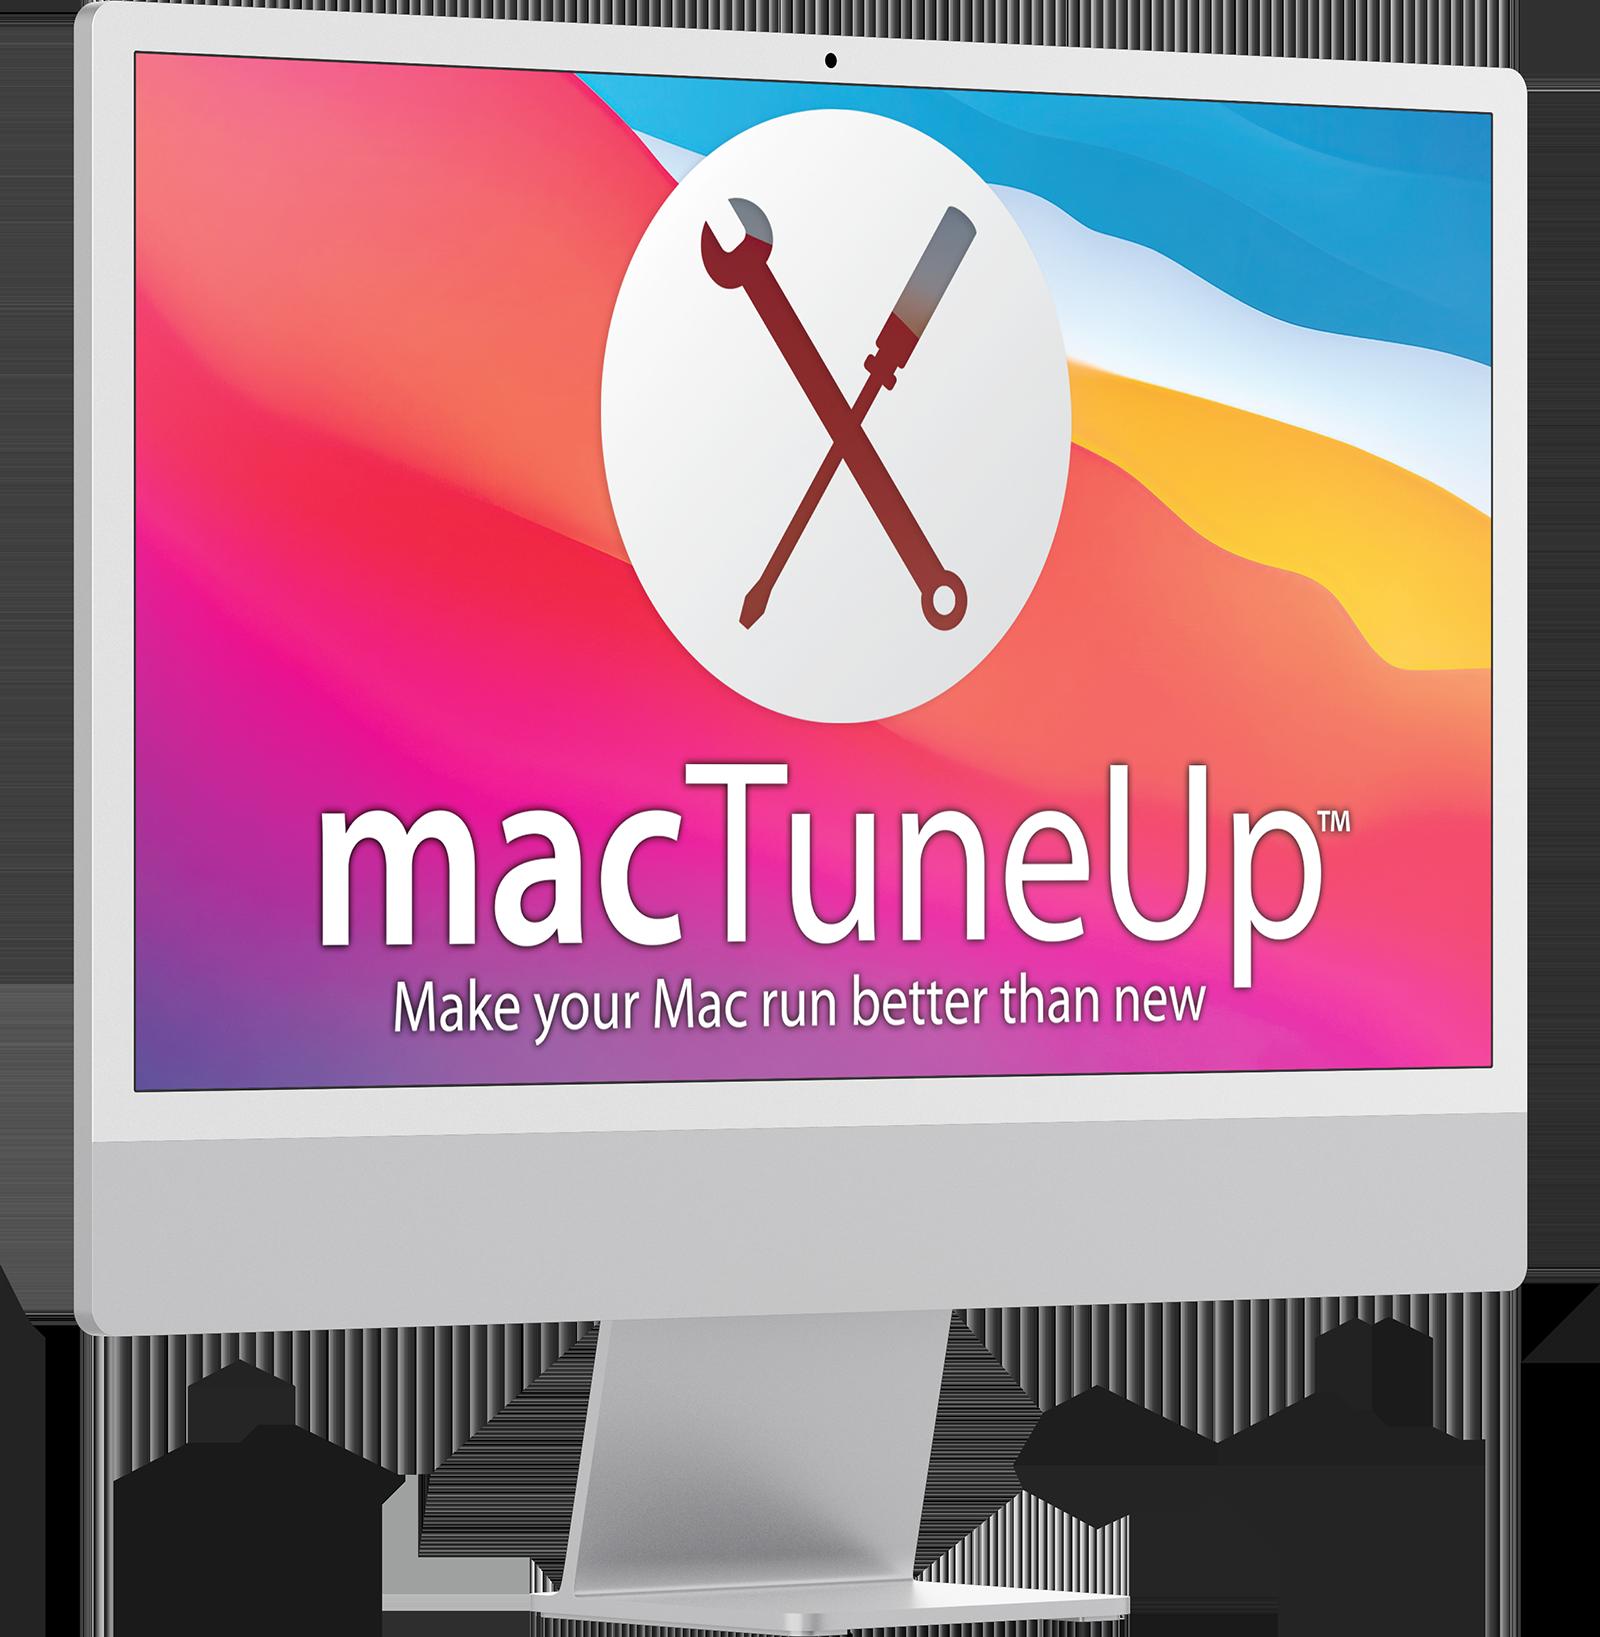 Brand New Mac image